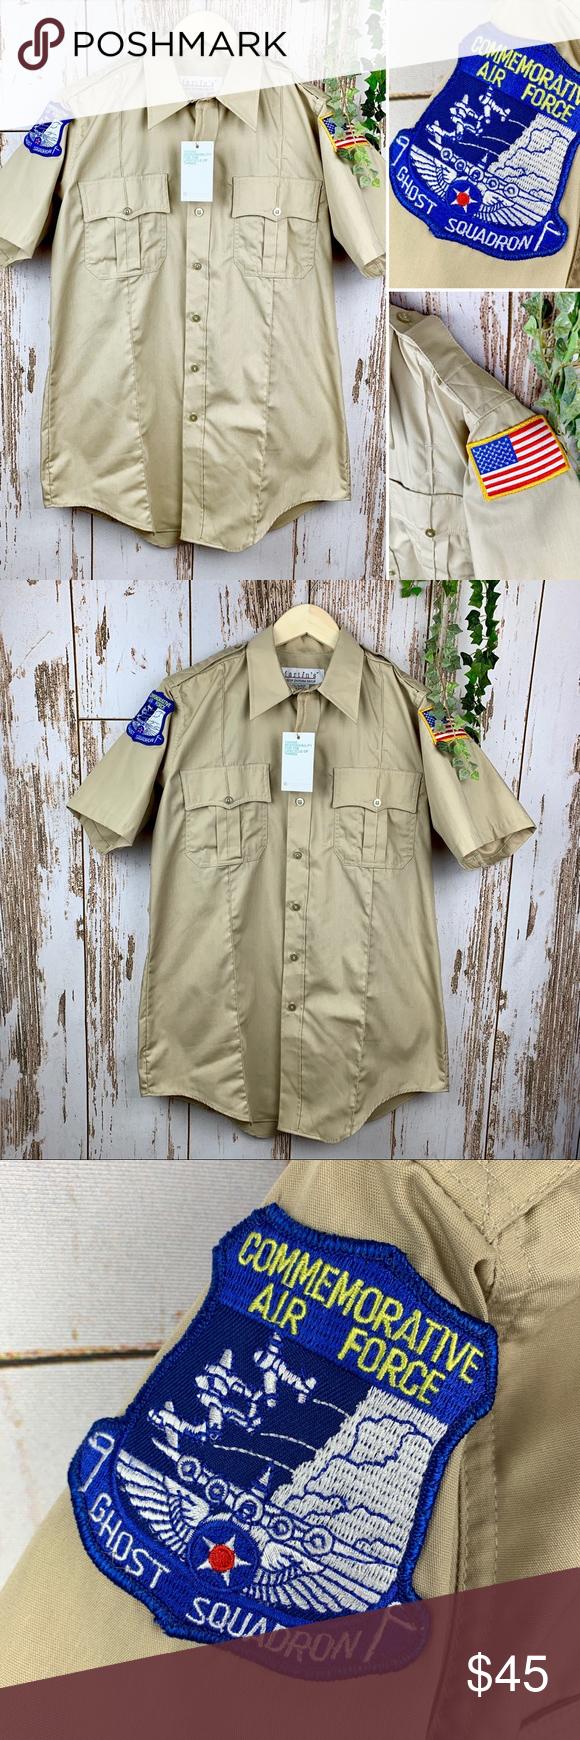 Air Force Ghost Squadron Khaki Uniform Top M L Air